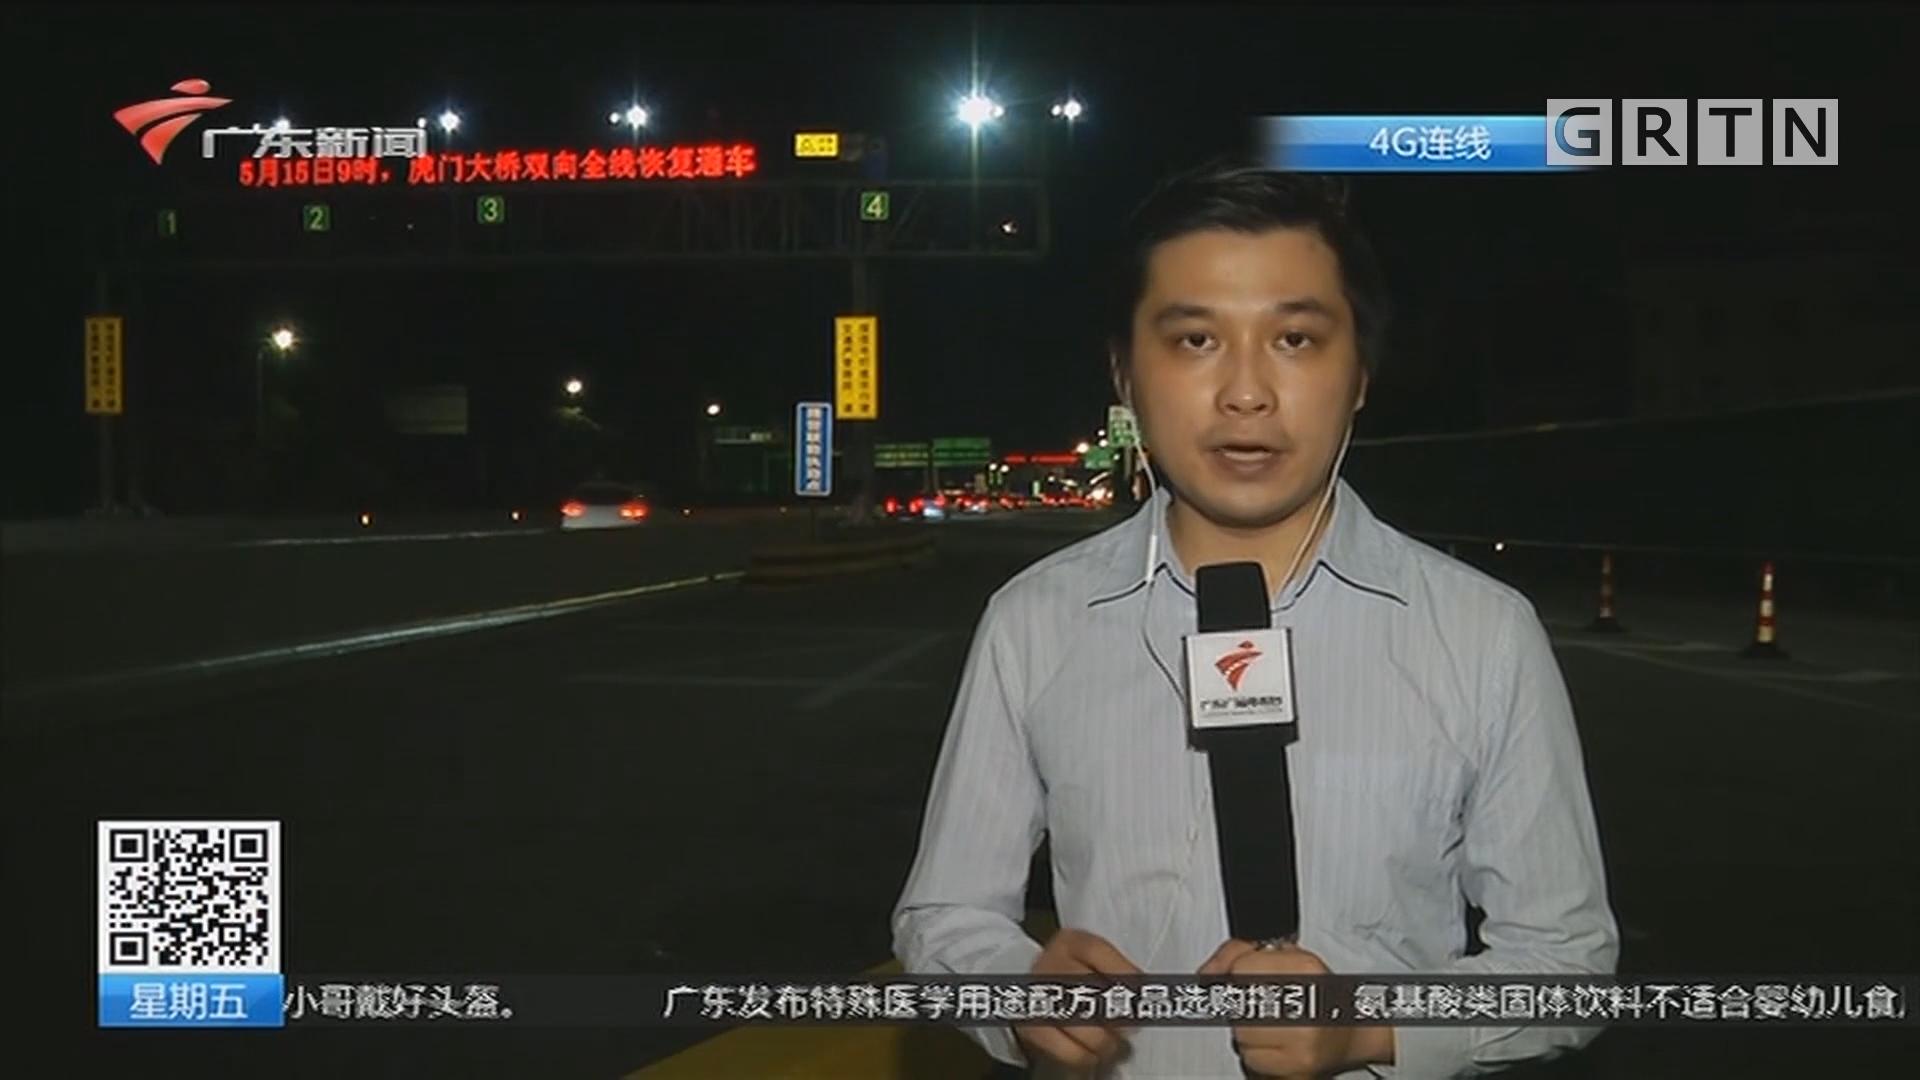 4G连线:虎门大桥实时路况